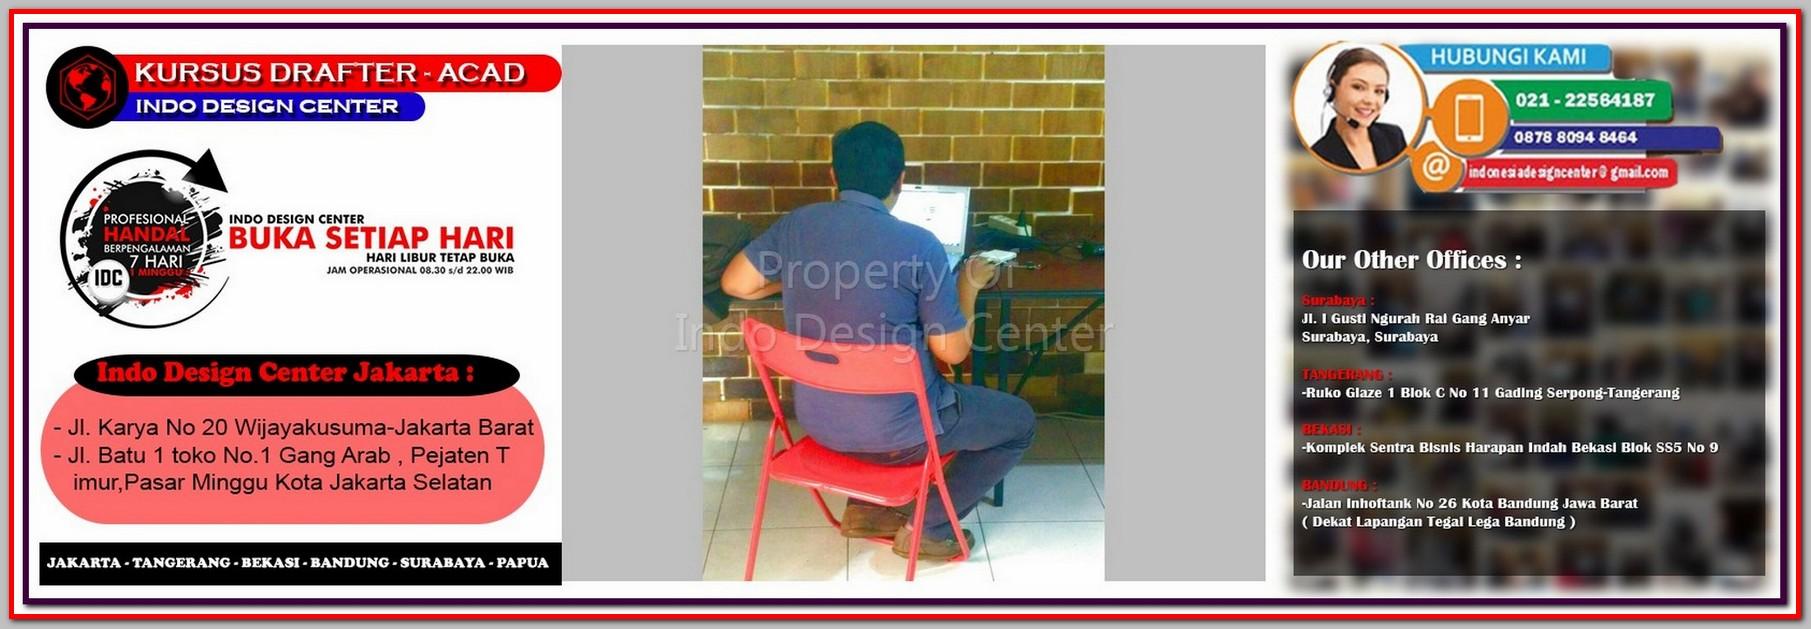 Kursus Drafter Di Serdang - Jakarta - Tangerang - Bekasi - Bandung - Surabaya